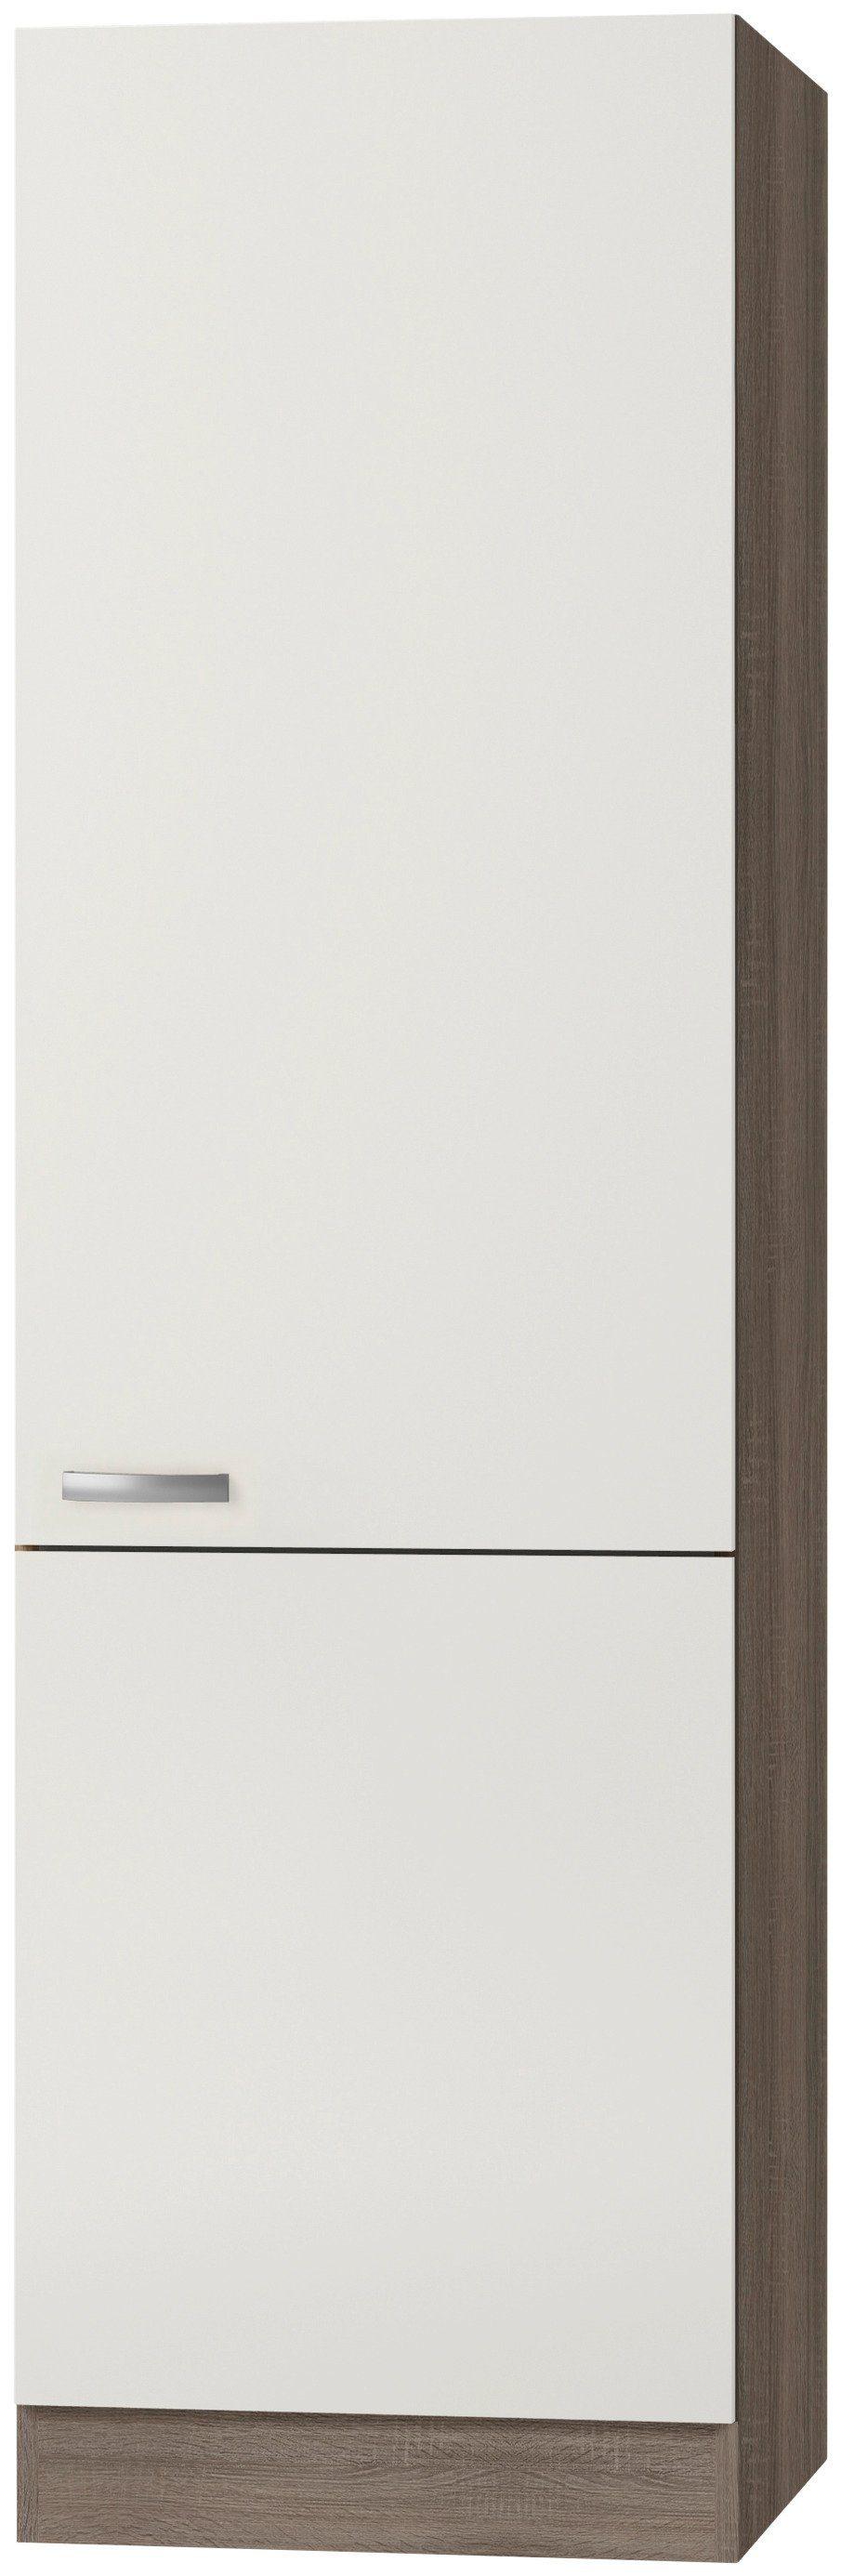 OPTIFIT Vorratsschrank »Rom, Breite 60 cm«